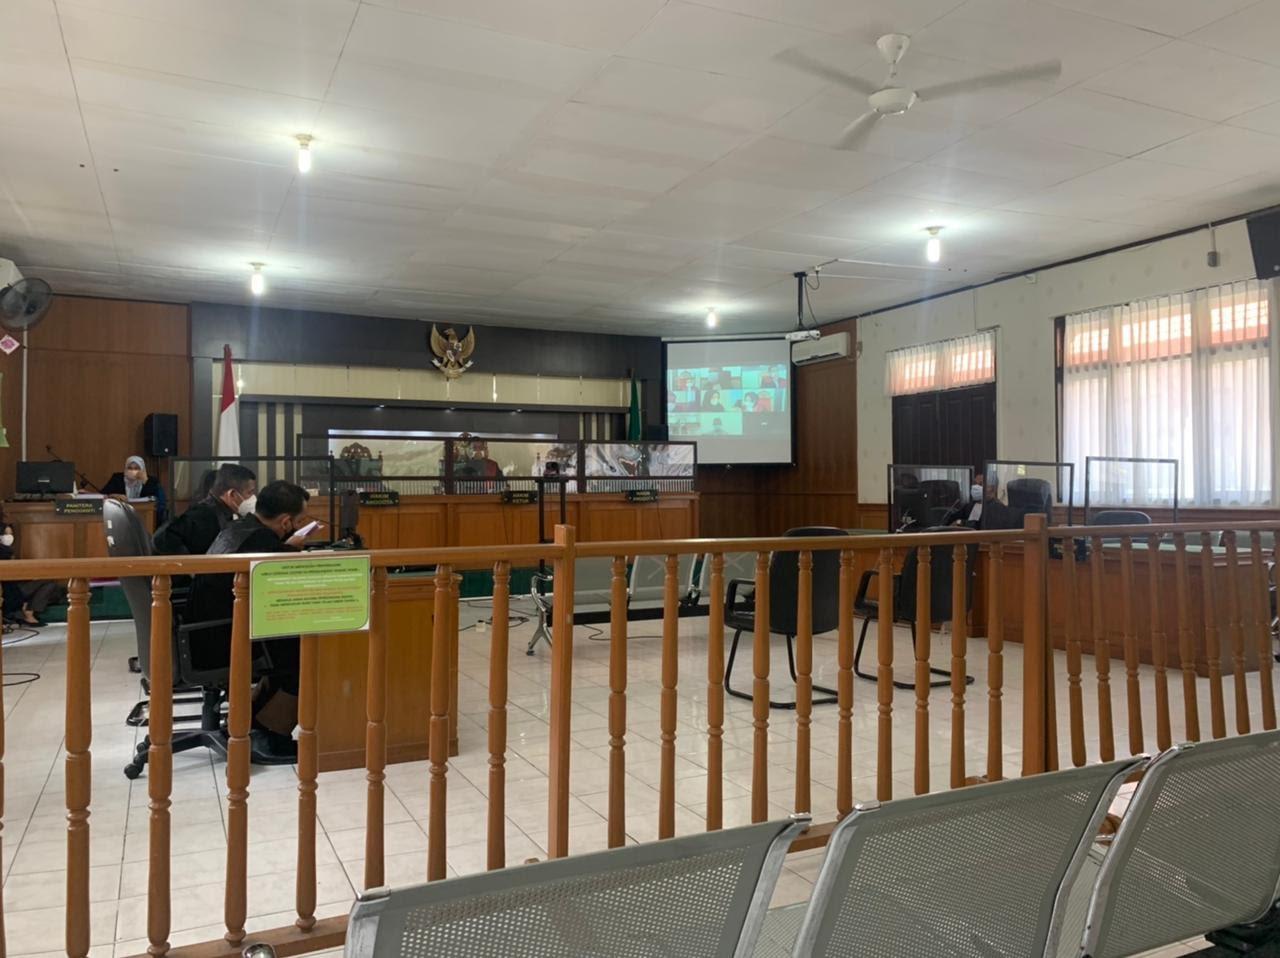 Mursini Disebut Beri Dolar Senilai Rp500 Juta ke Orang Mengaku KPK di Batam